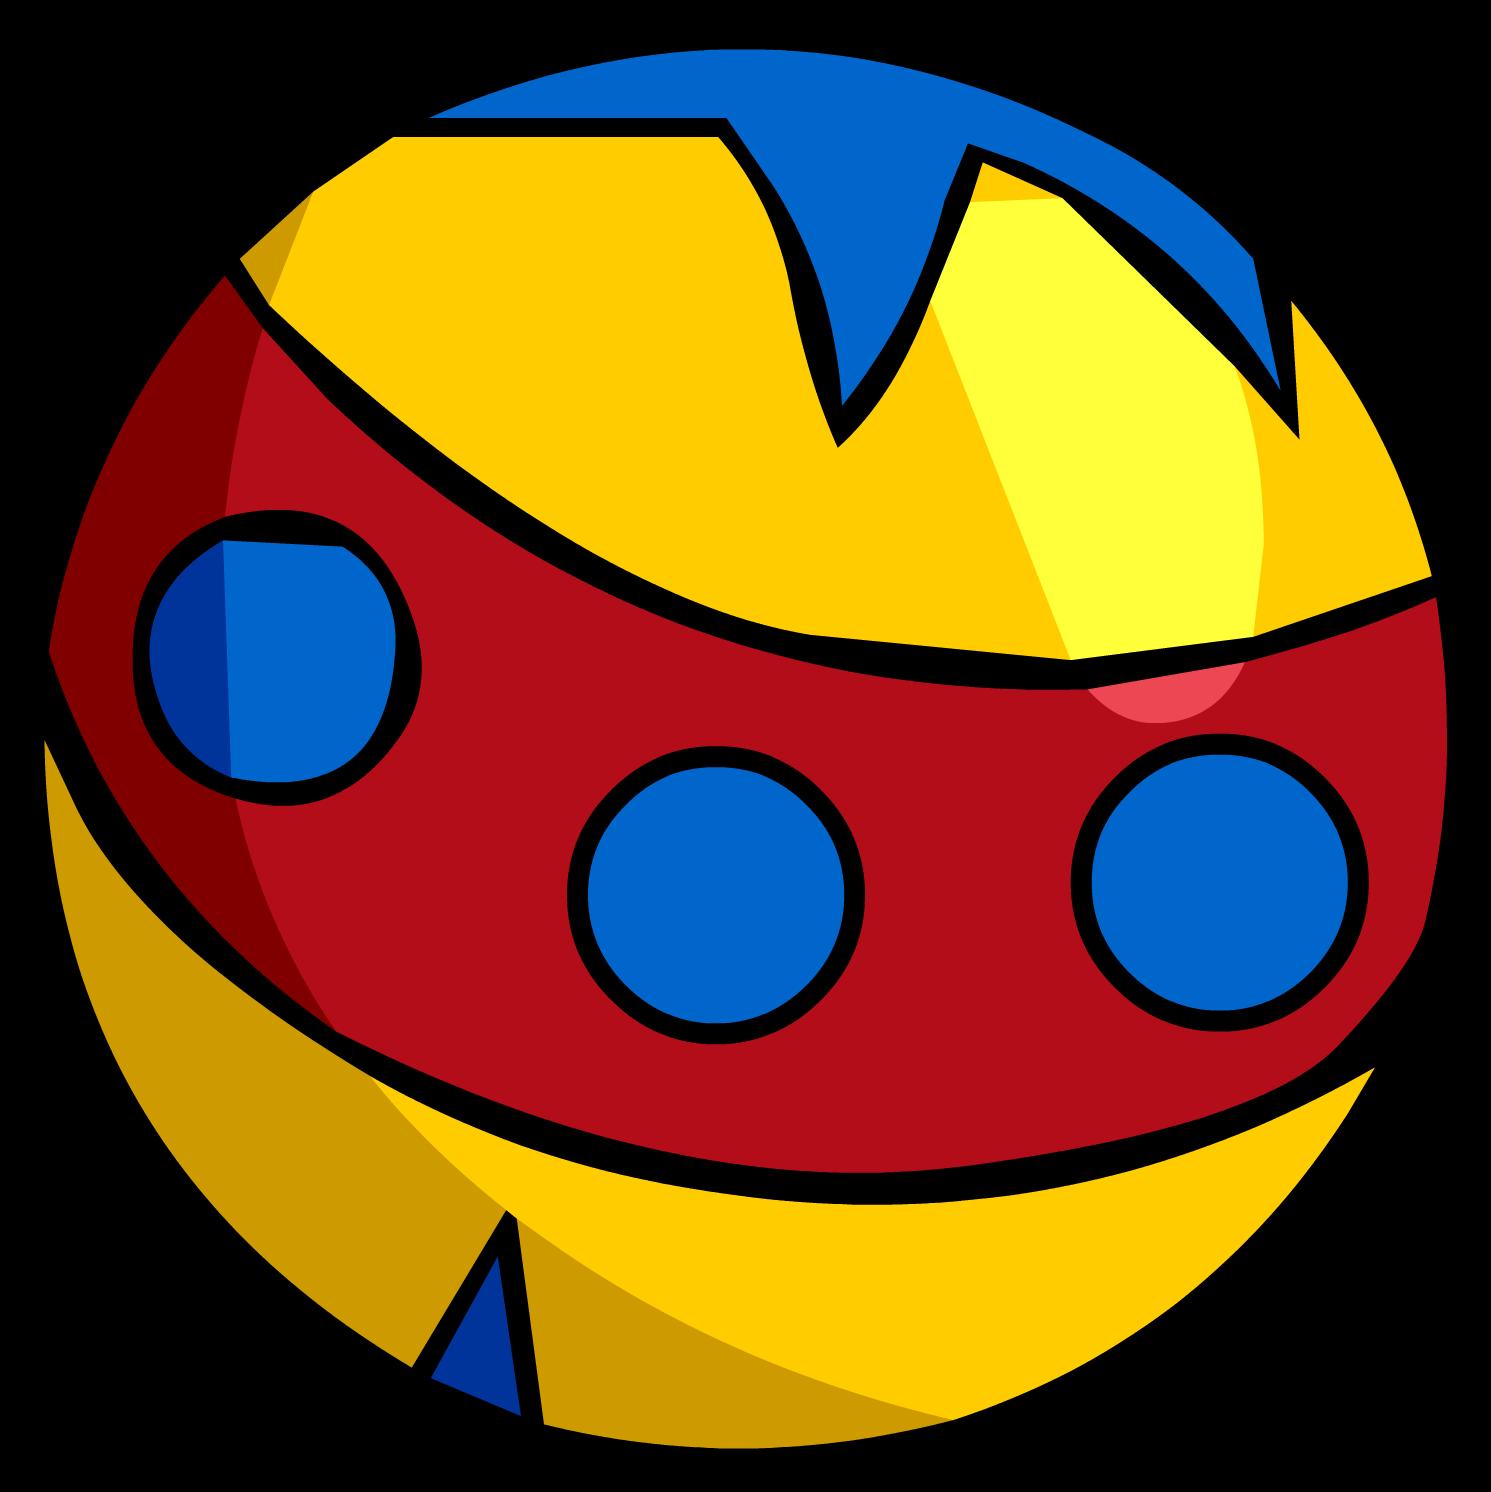 Circus Ball